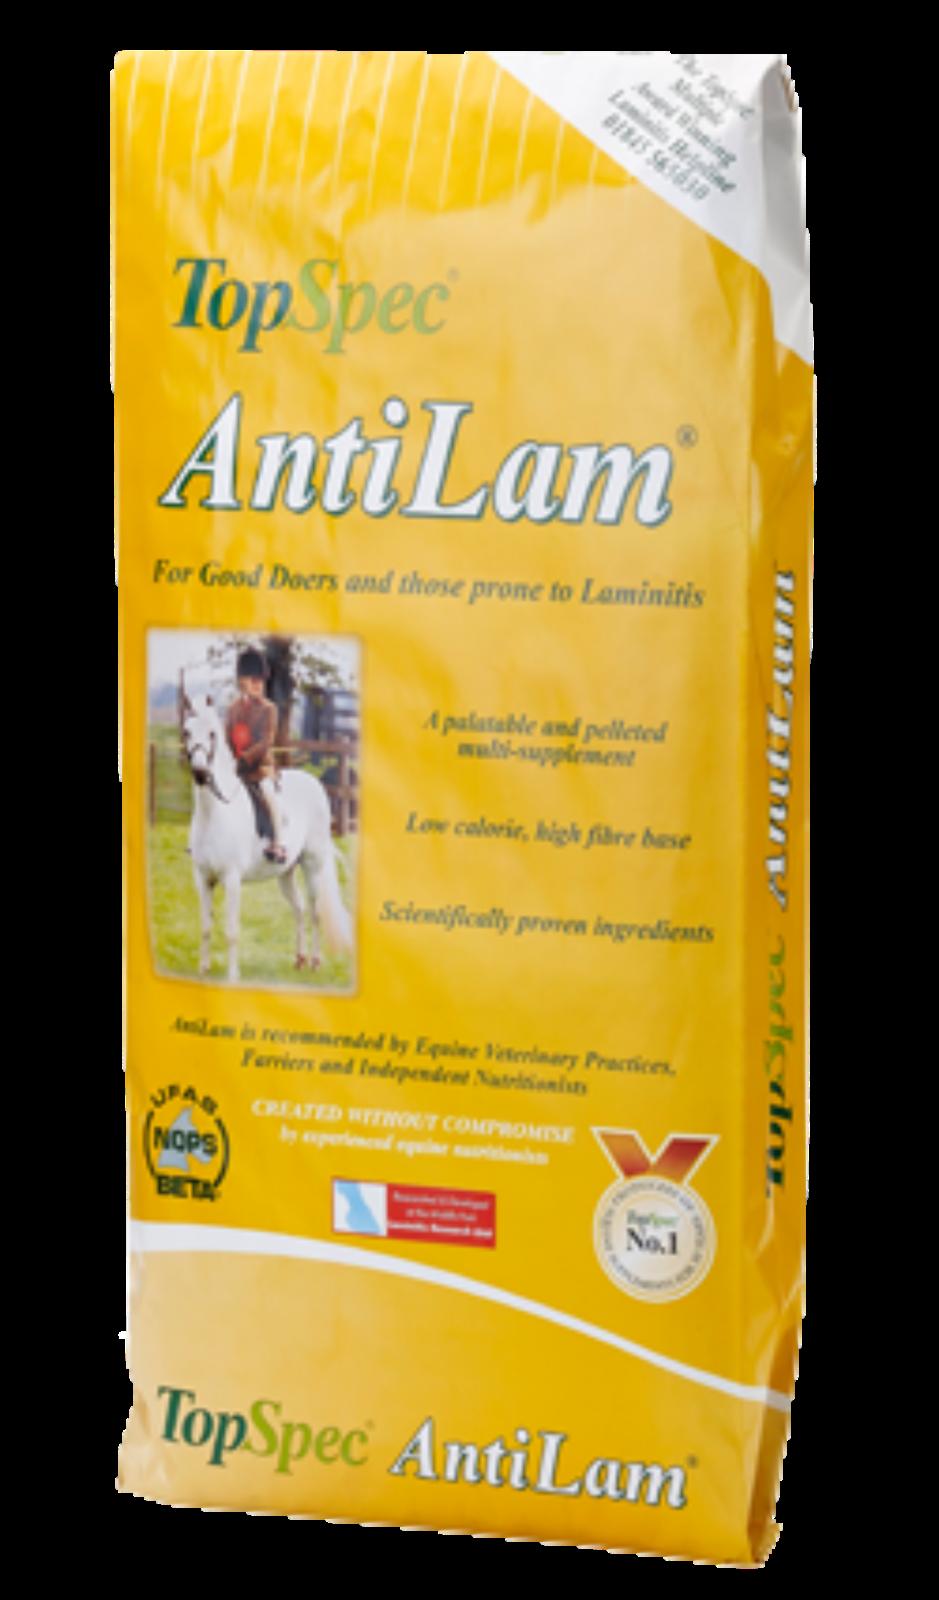 Topspec Antilam